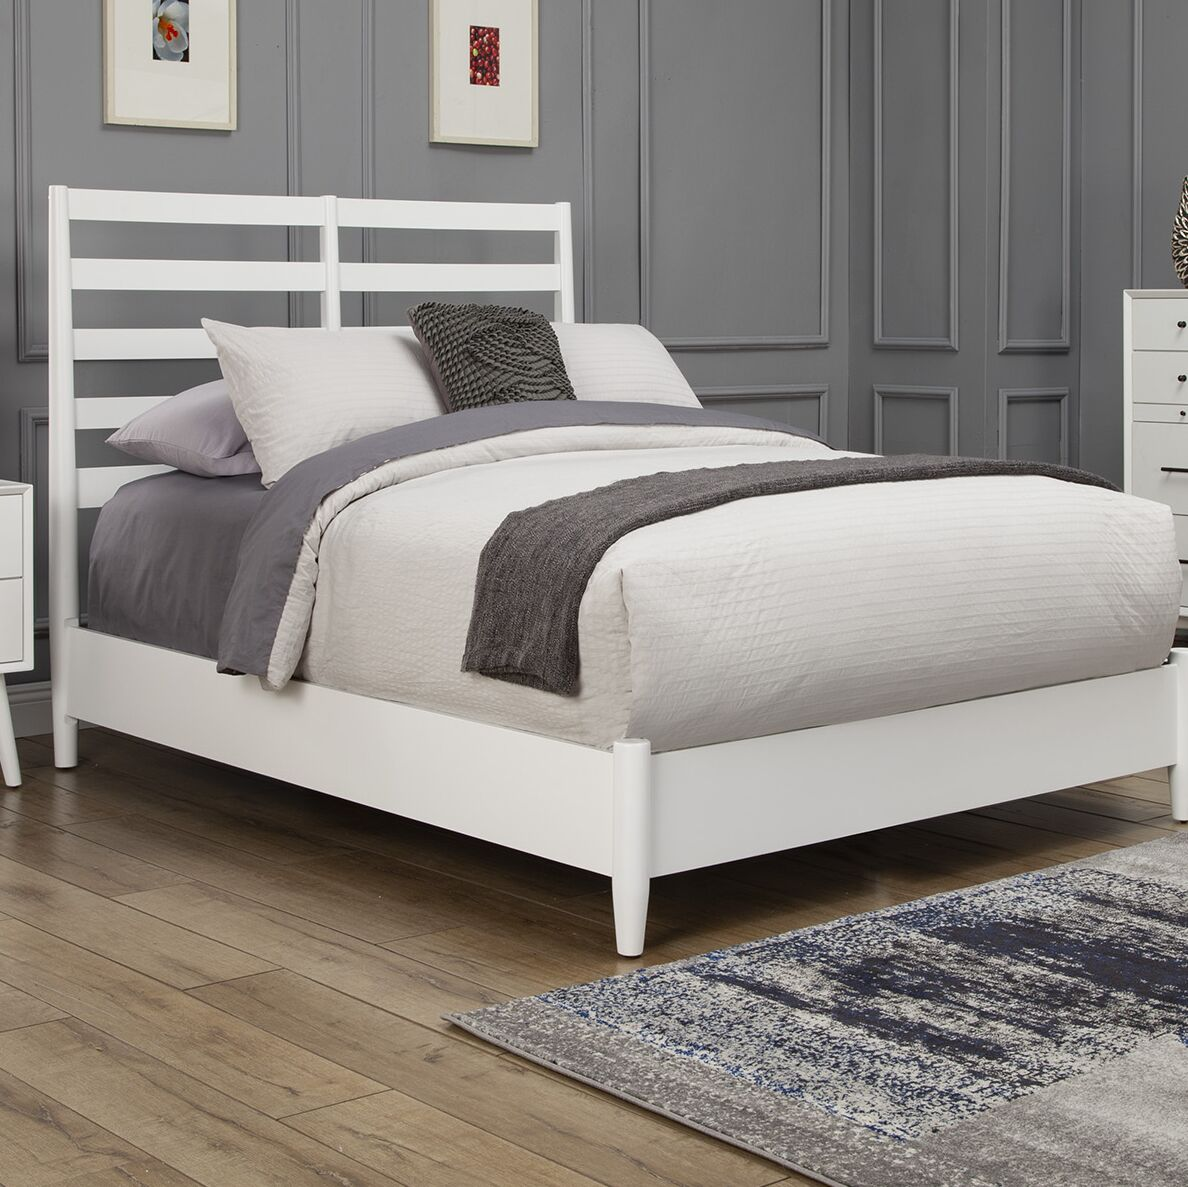 Parocela Retro Panel Bed Size: King, Color: Acron